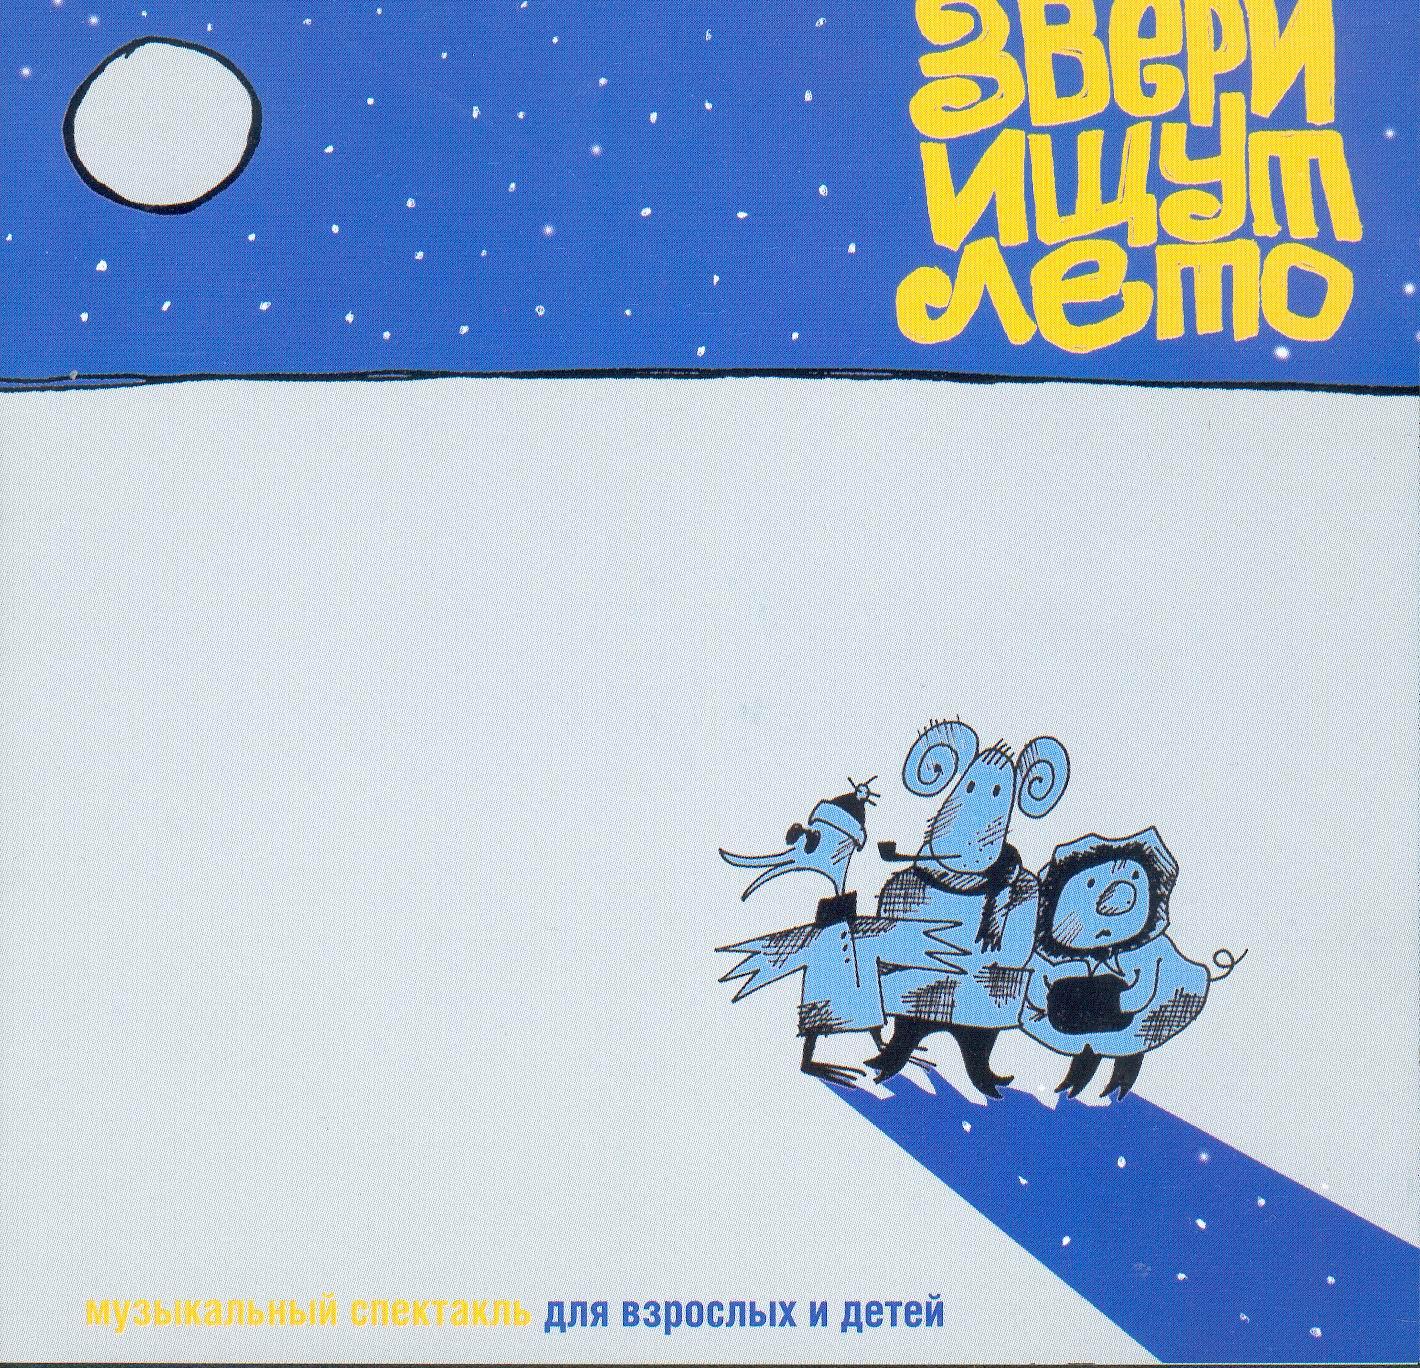 Константин Арбенин Звери ищут лето (спектакль) 1с звери ищут лето музыкальный спектакль по мотивам сказки зимовье зверей